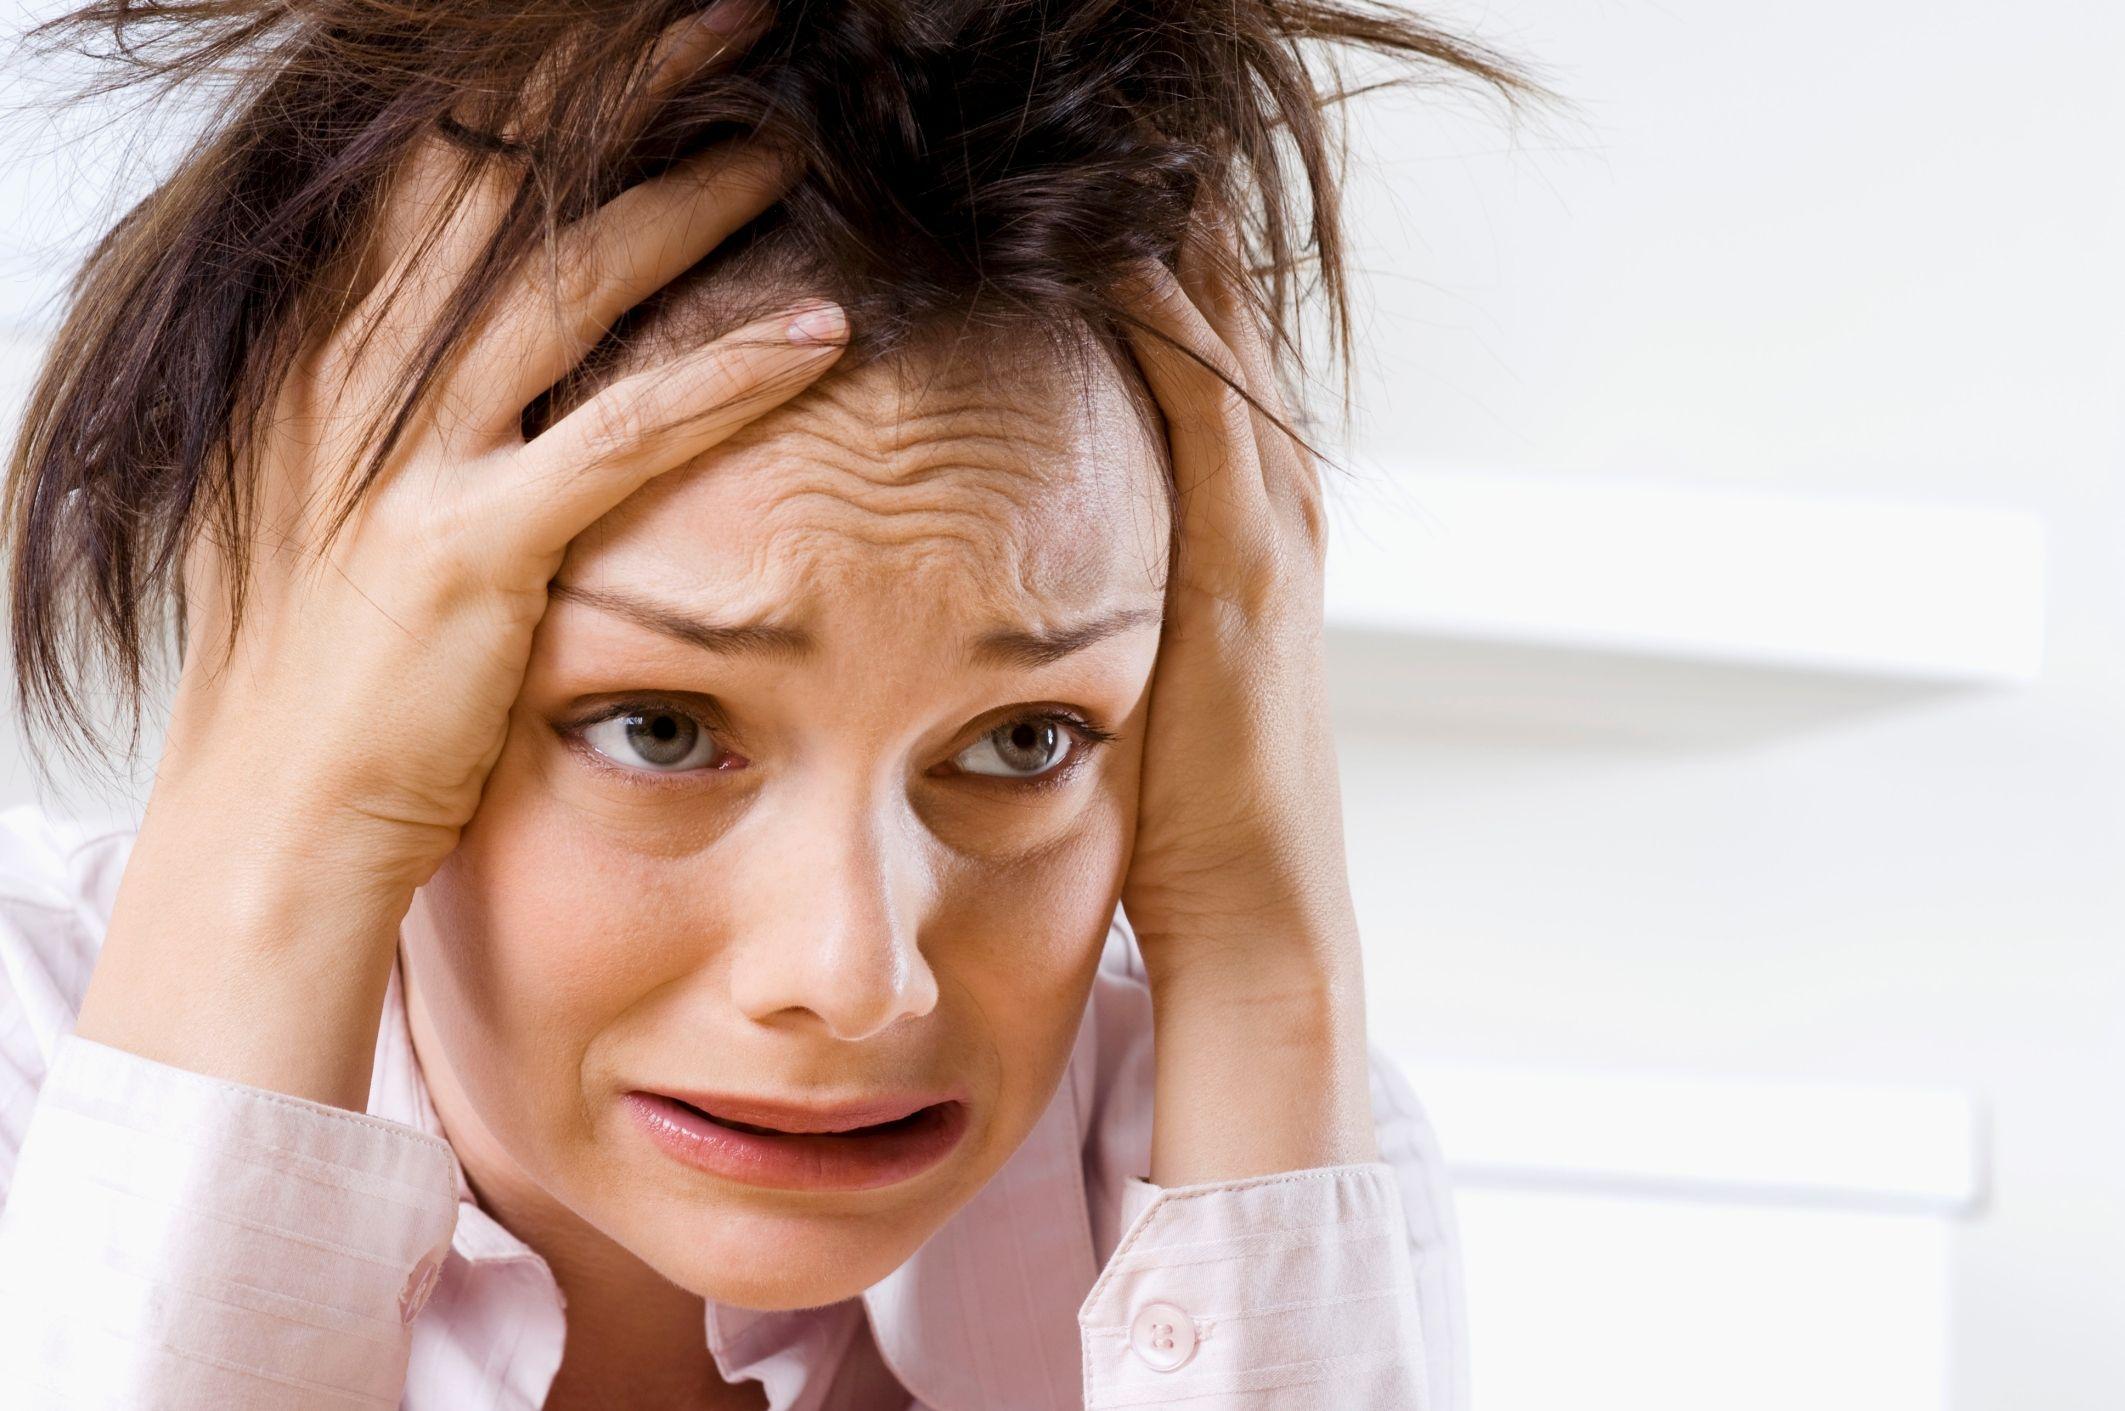 Лечение депрессии, натуральные средства против стресса. личный опыт